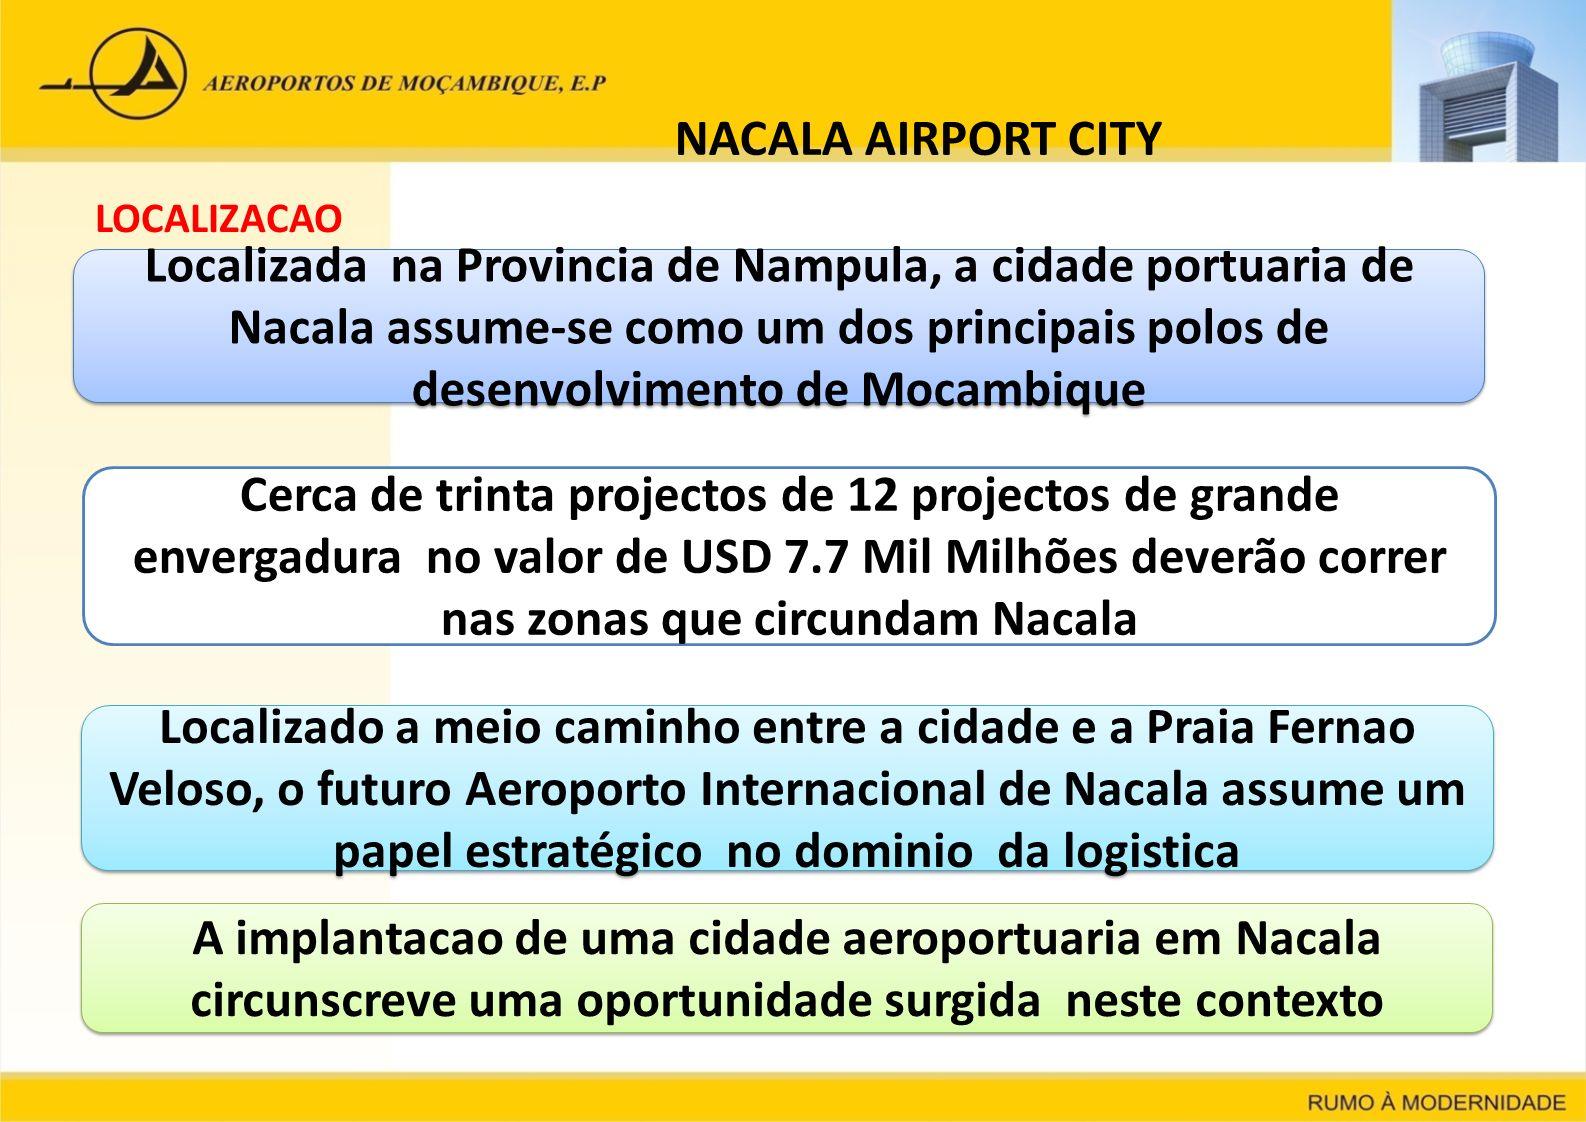 NACALA AIRPORT CITY LOCALIZACAO Localizada na Provincia de Nampula, a cidade portuaria de Nacala assume-se como um dos principais polos de desenvolvim